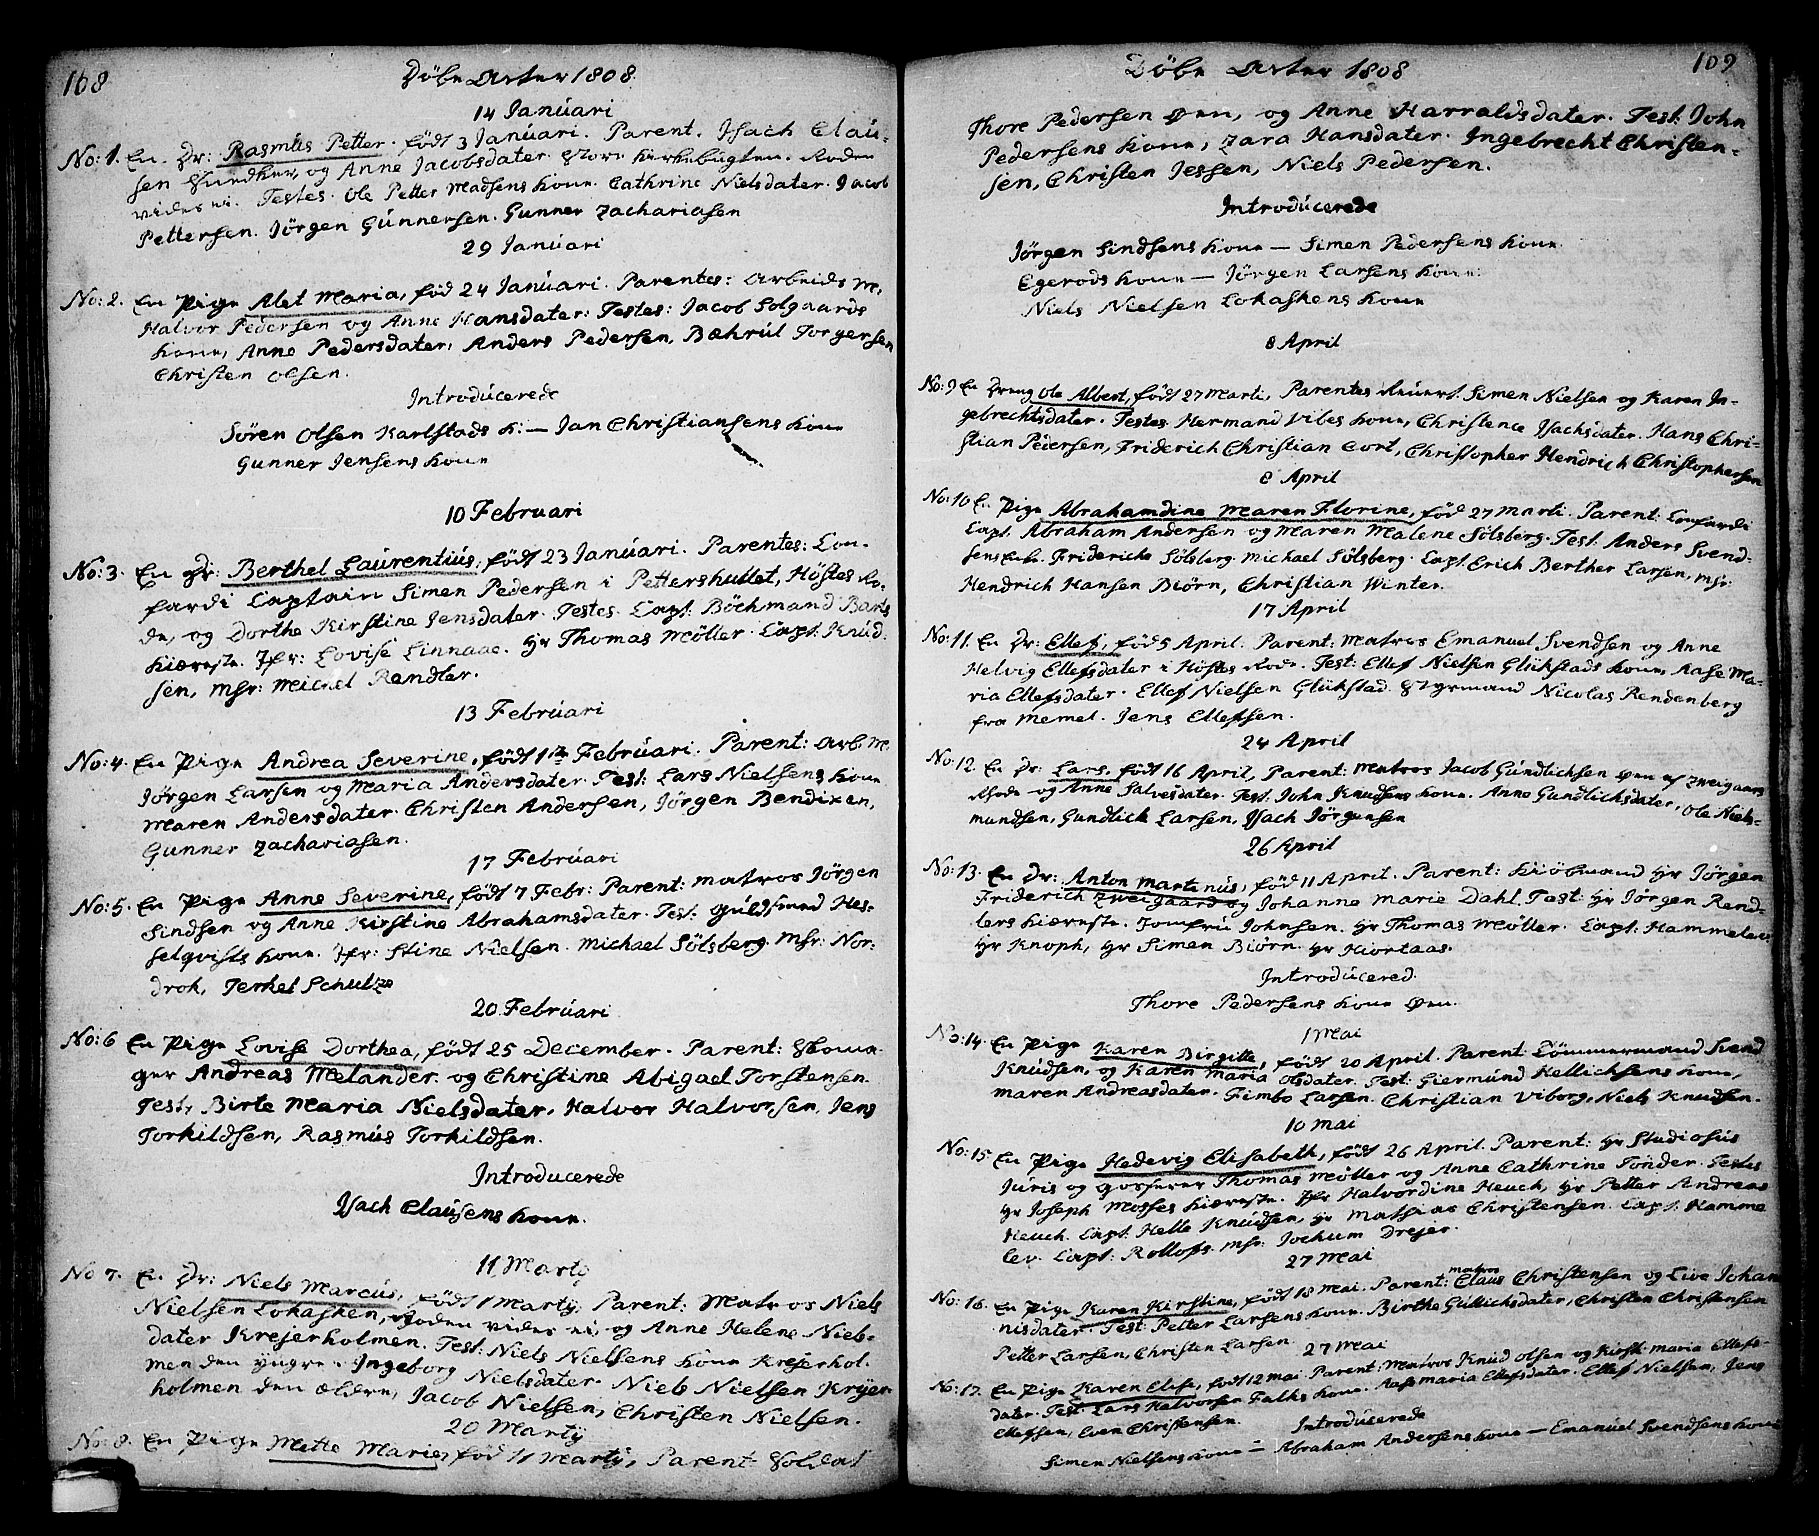 SAKO, Kragerø kirkebøker, G/Ga/L0001: Klokkerbok nr. 1 /1, 1806-1811, s. 108-109